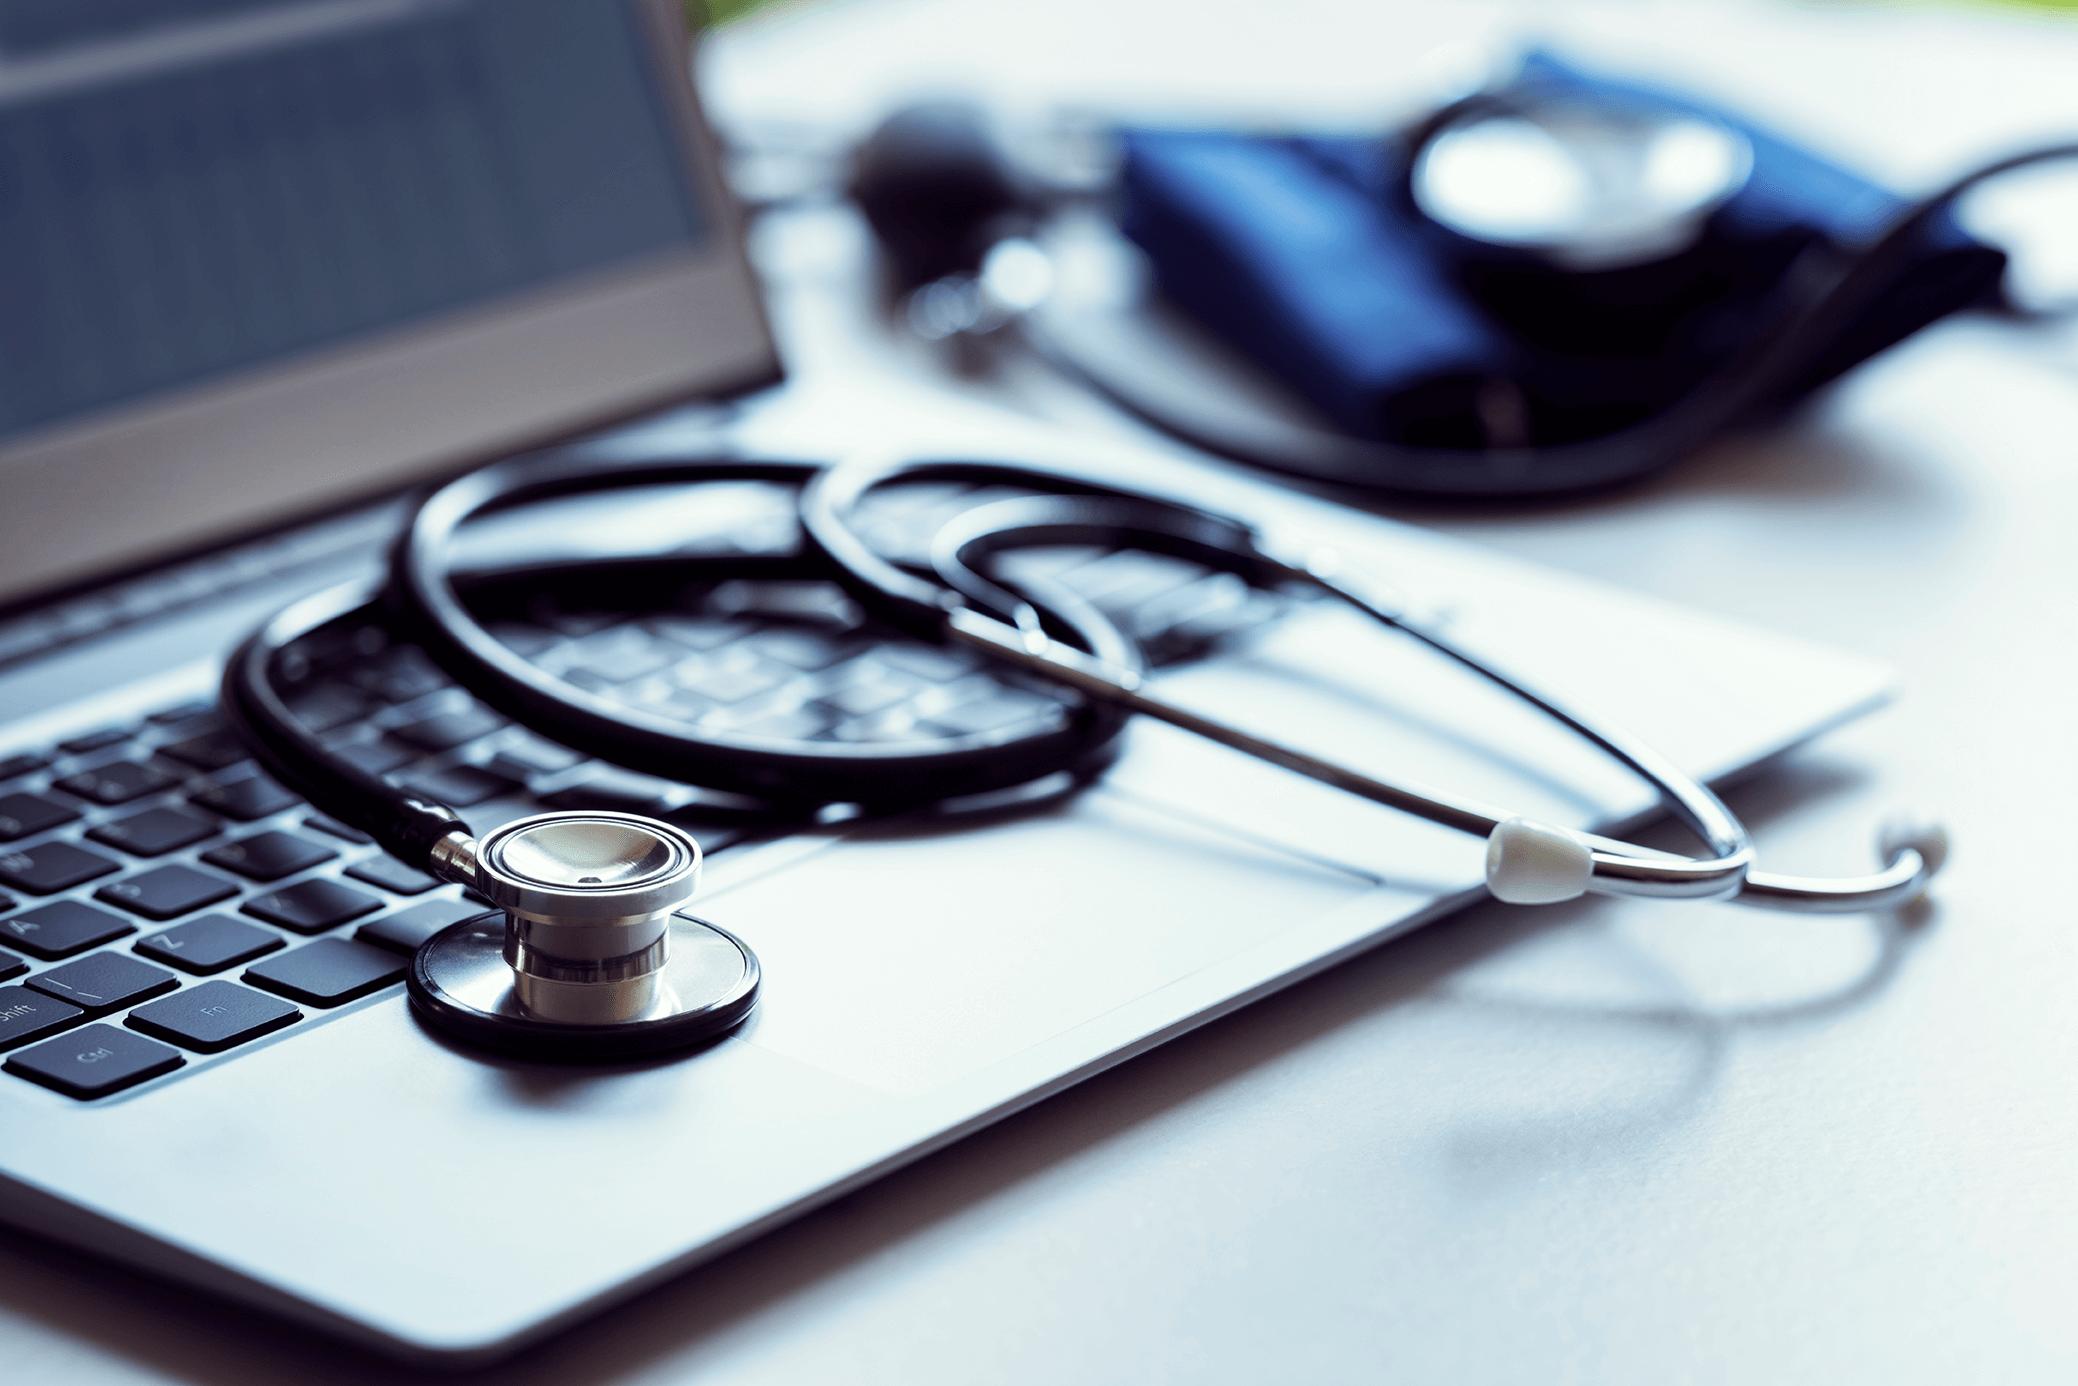 Software ReUse - Lizenzen gebraucht kaufen: stethoskop